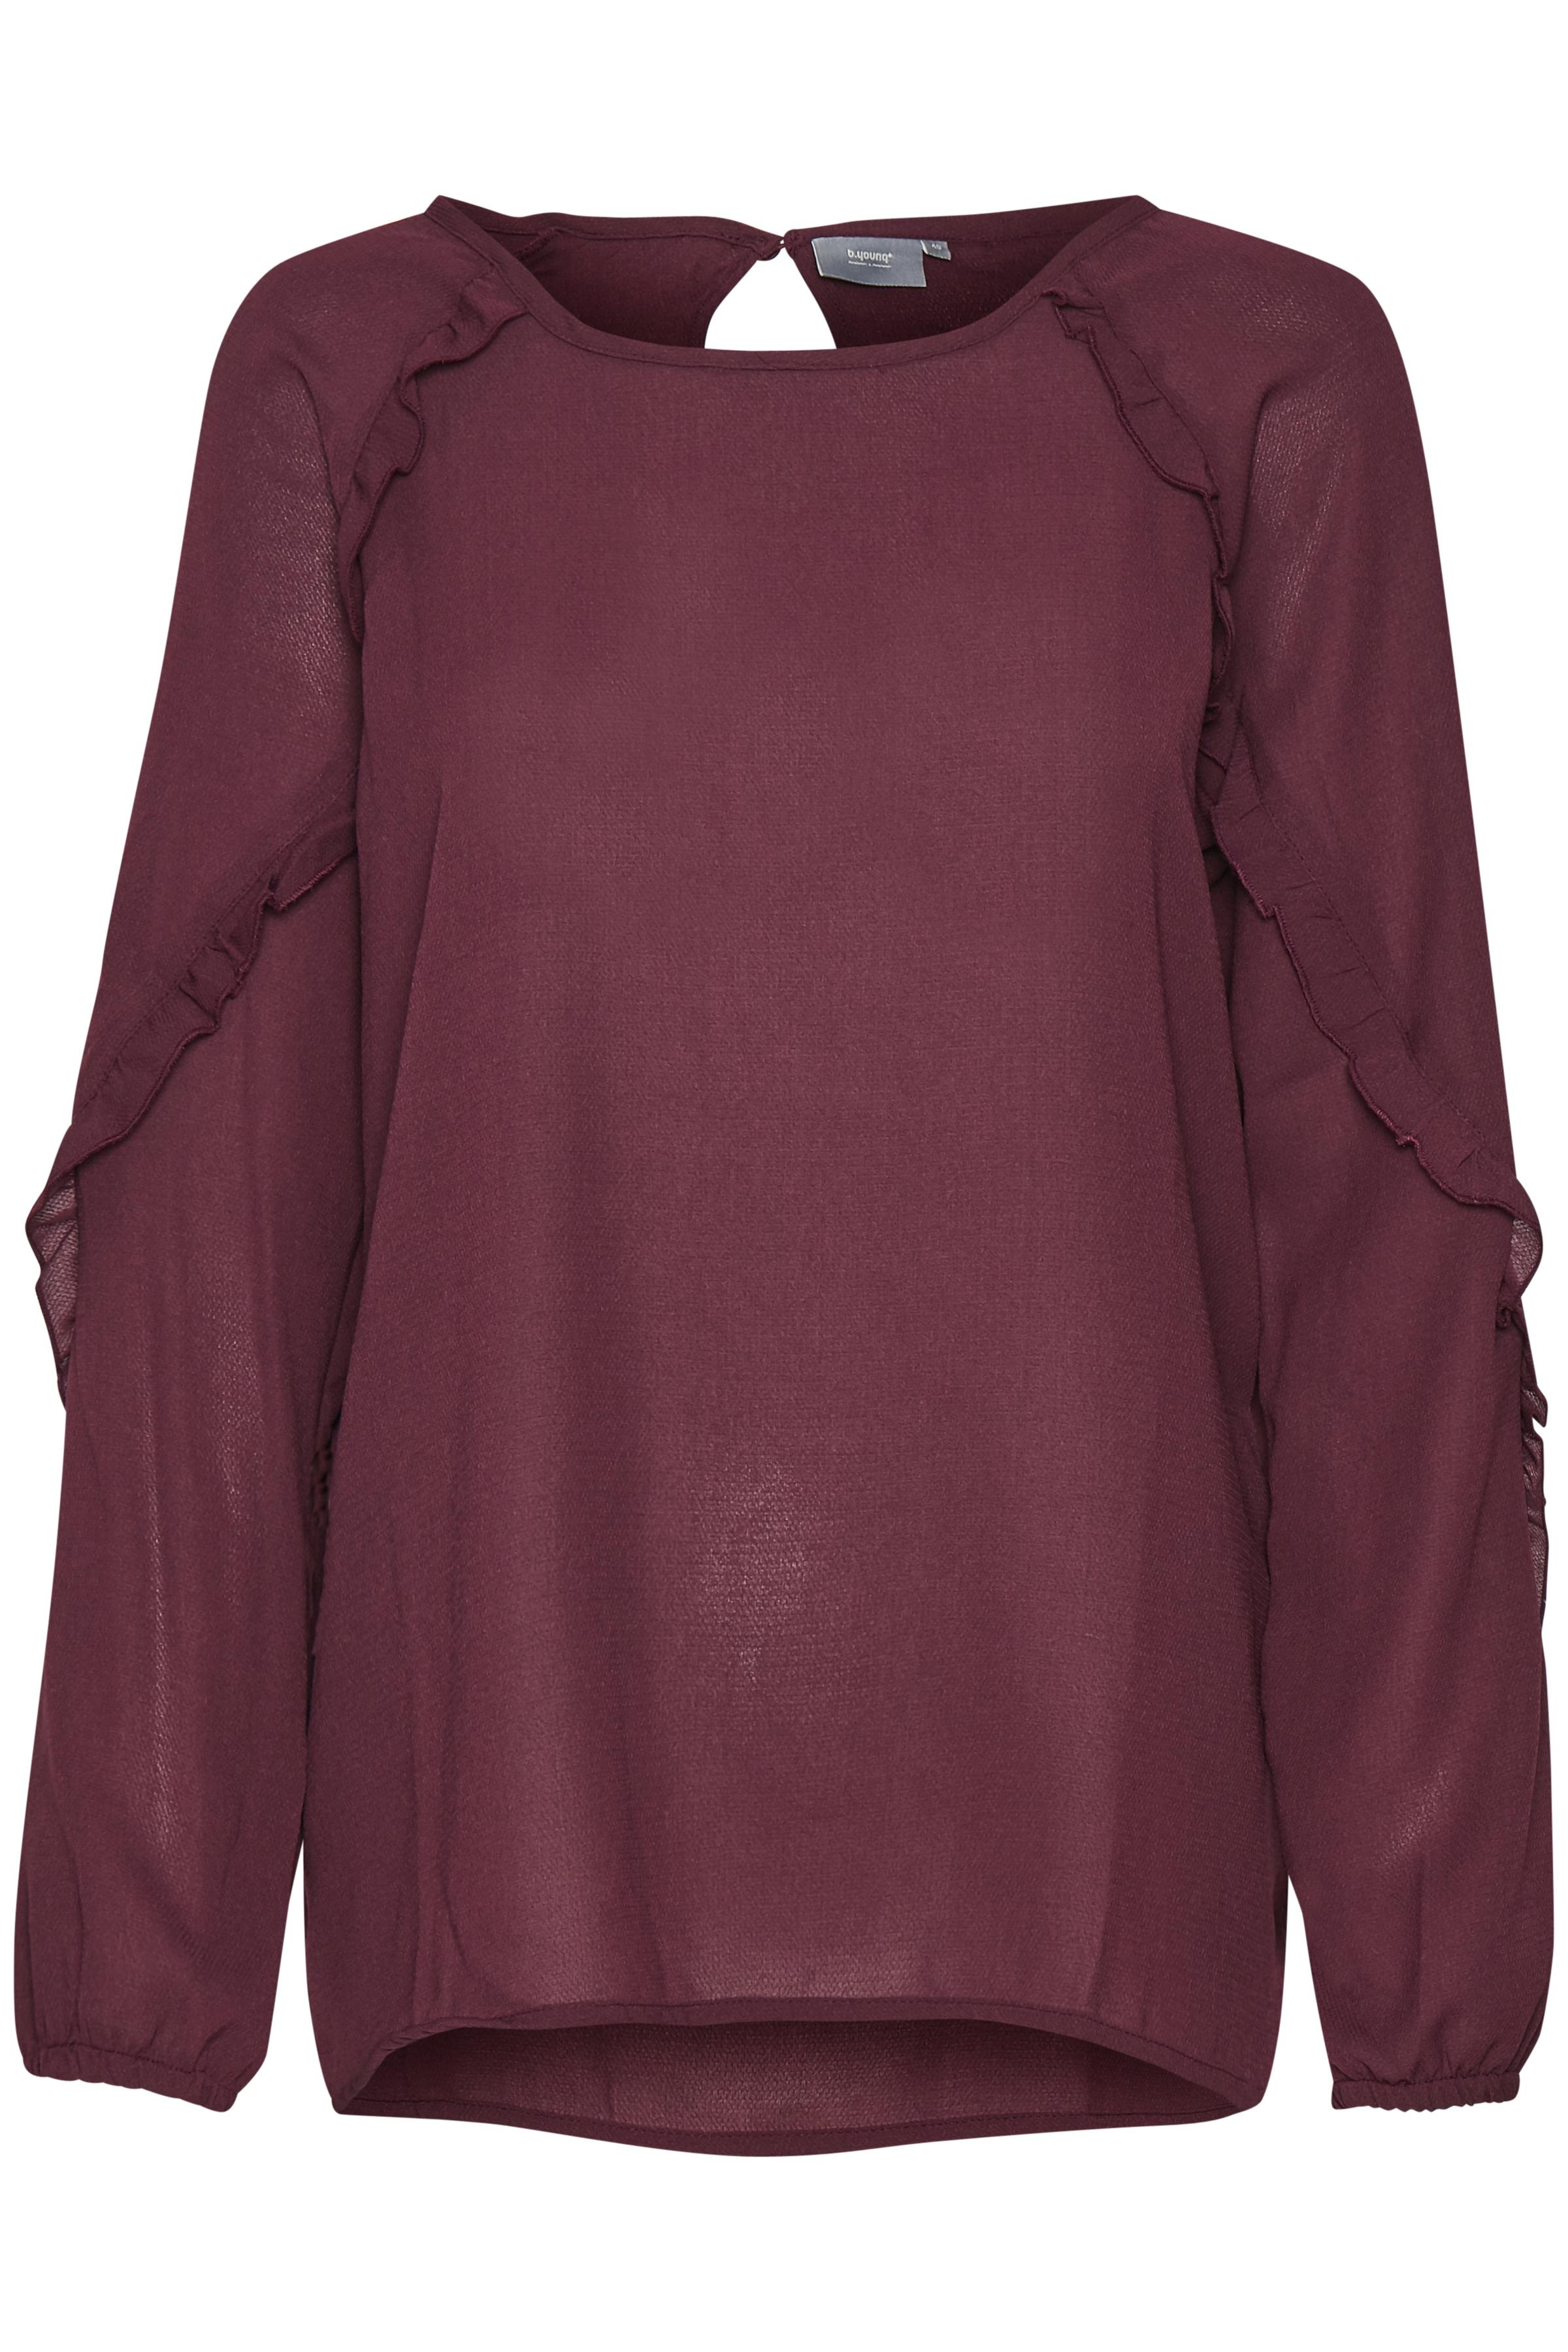 Bordeaux Langærmet bluse fra b.young – Køb Bordeaux Langærmet bluse fra str. 34-46 her